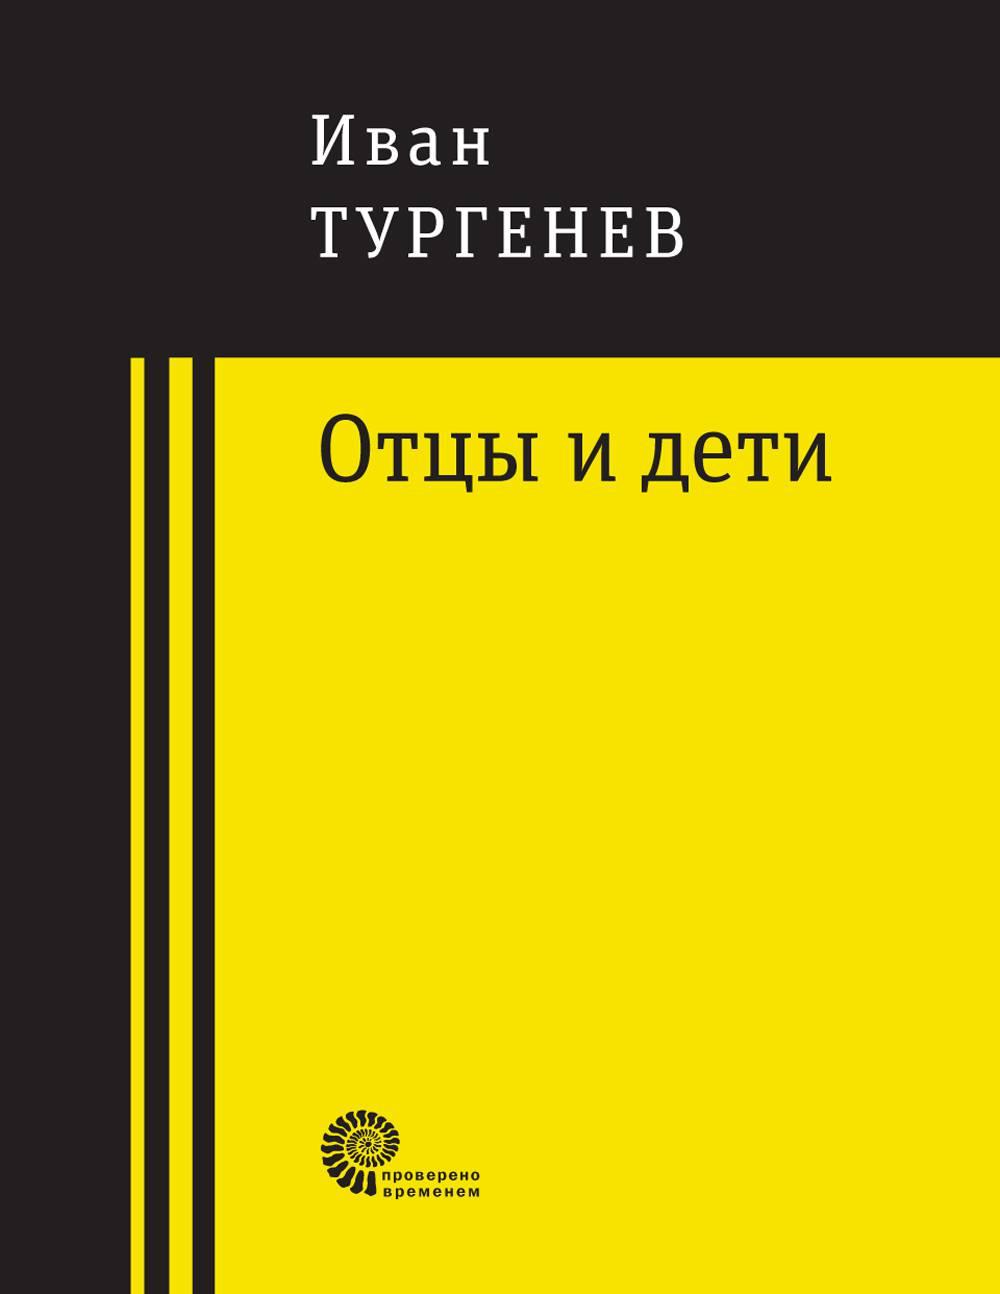 Купить Отцы и дети, Иван Тургенев, 978-5-9691-1582-8